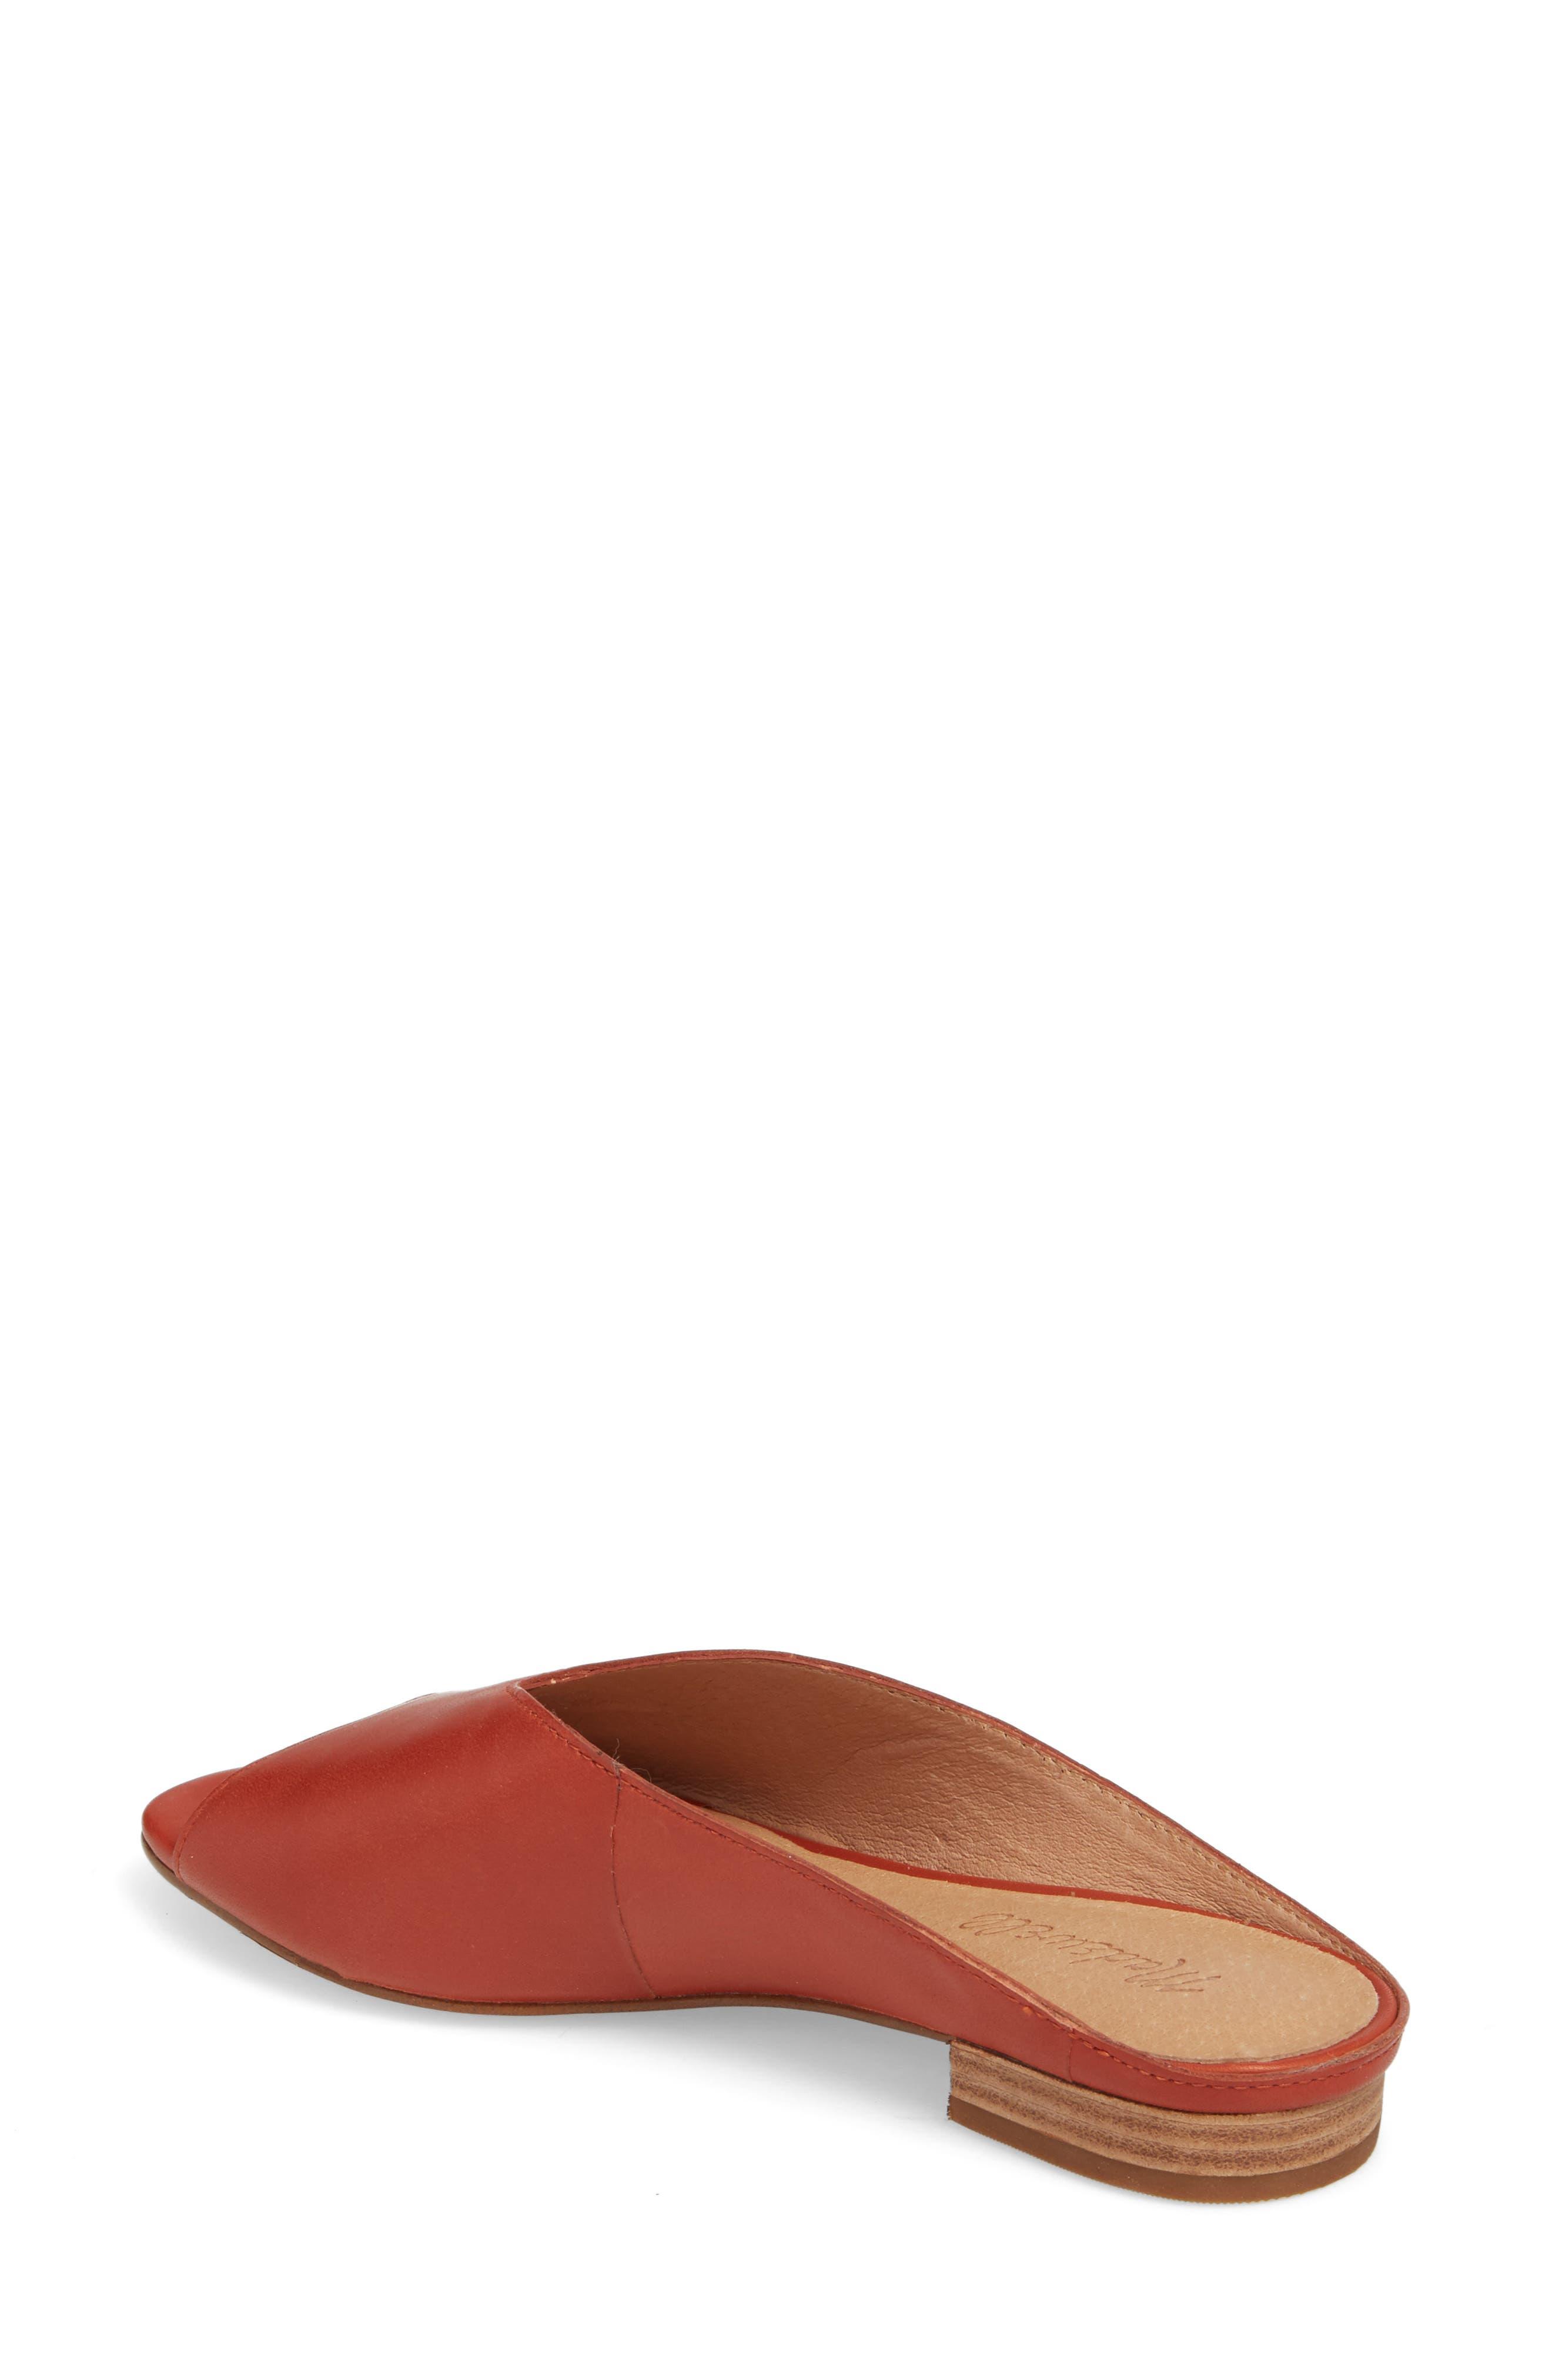 Tavi Slide Sandal,                             Alternate thumbnail 6, color,